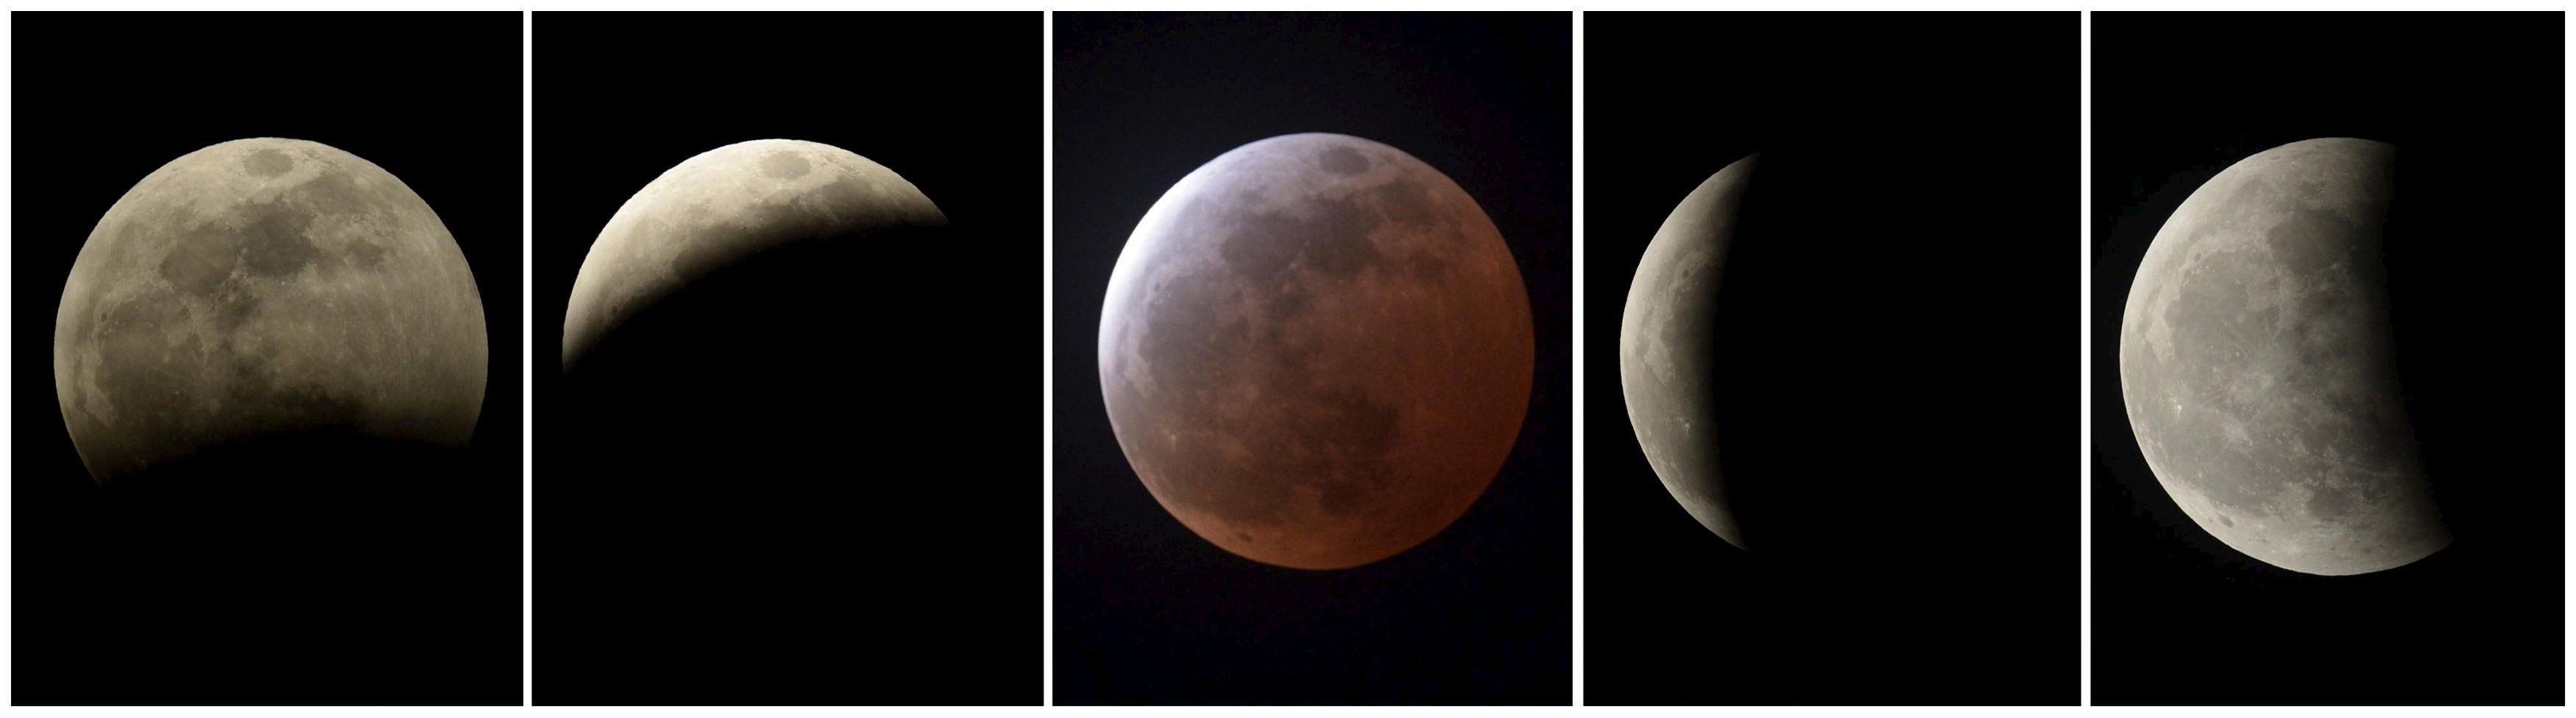 Частично кровавое лунное затмение смогут наблюдать и украинцы.